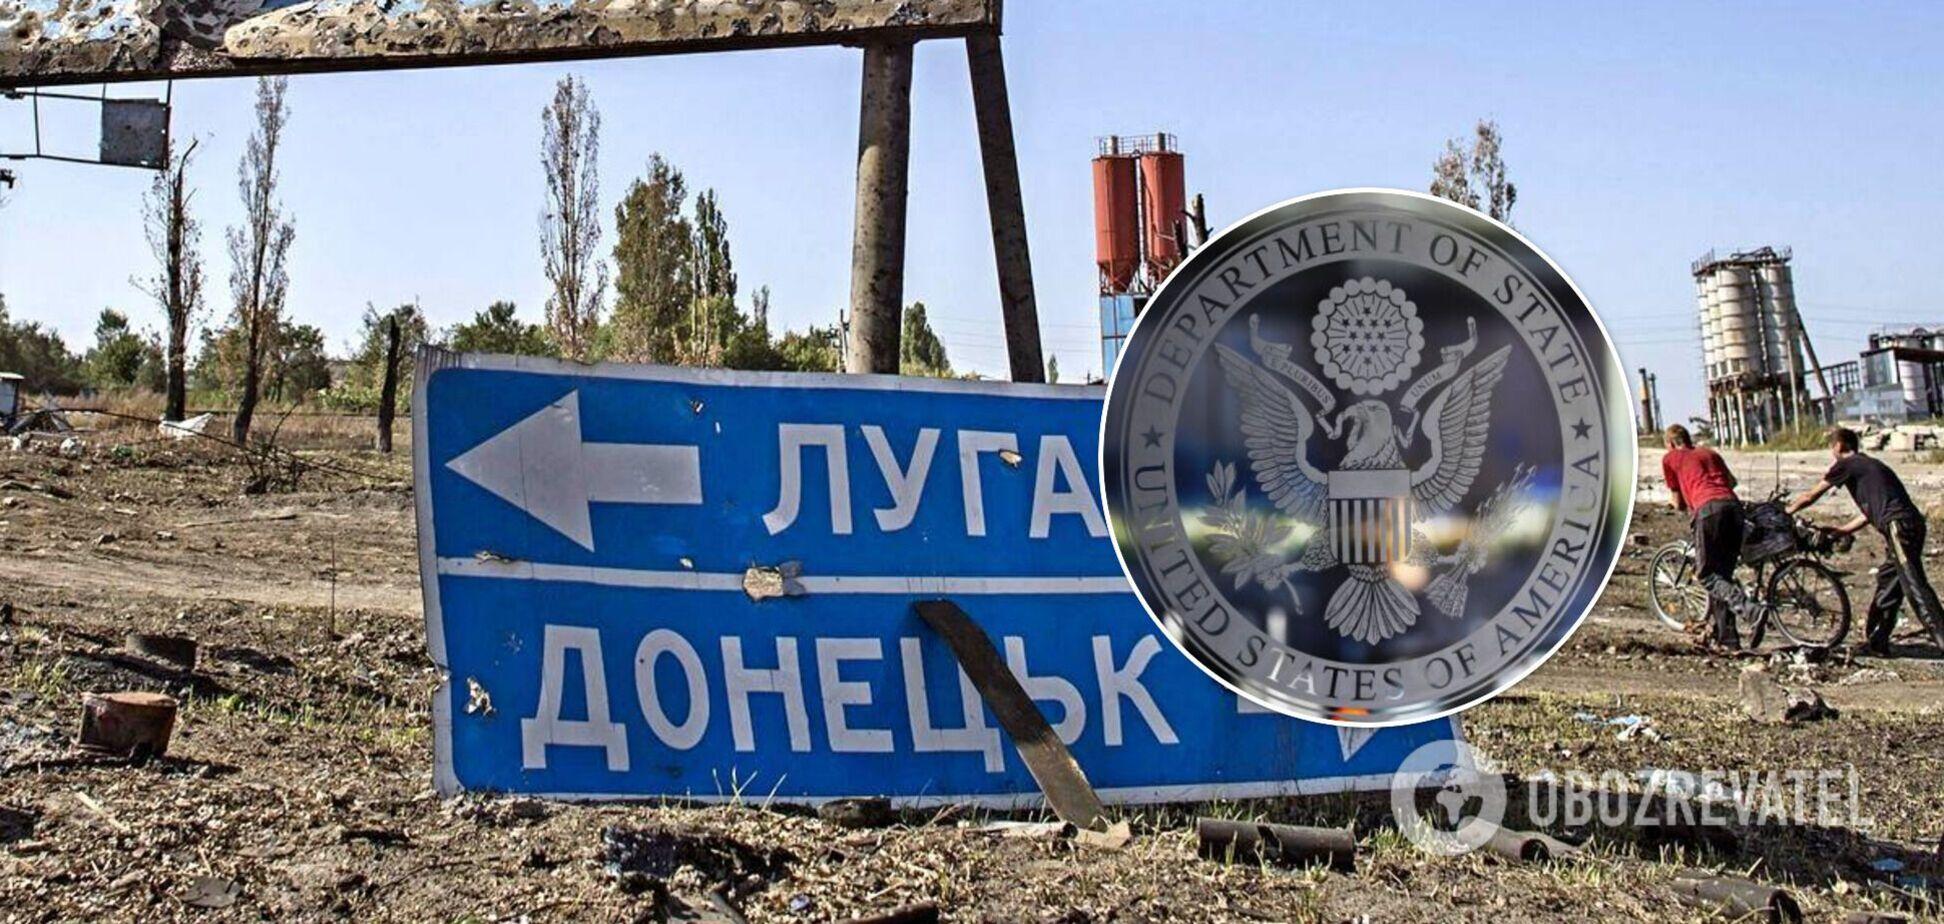 Советник Госдепа: Россия – агрессор, Байден хочет заставить ее прекратить то, что она делает в Украине